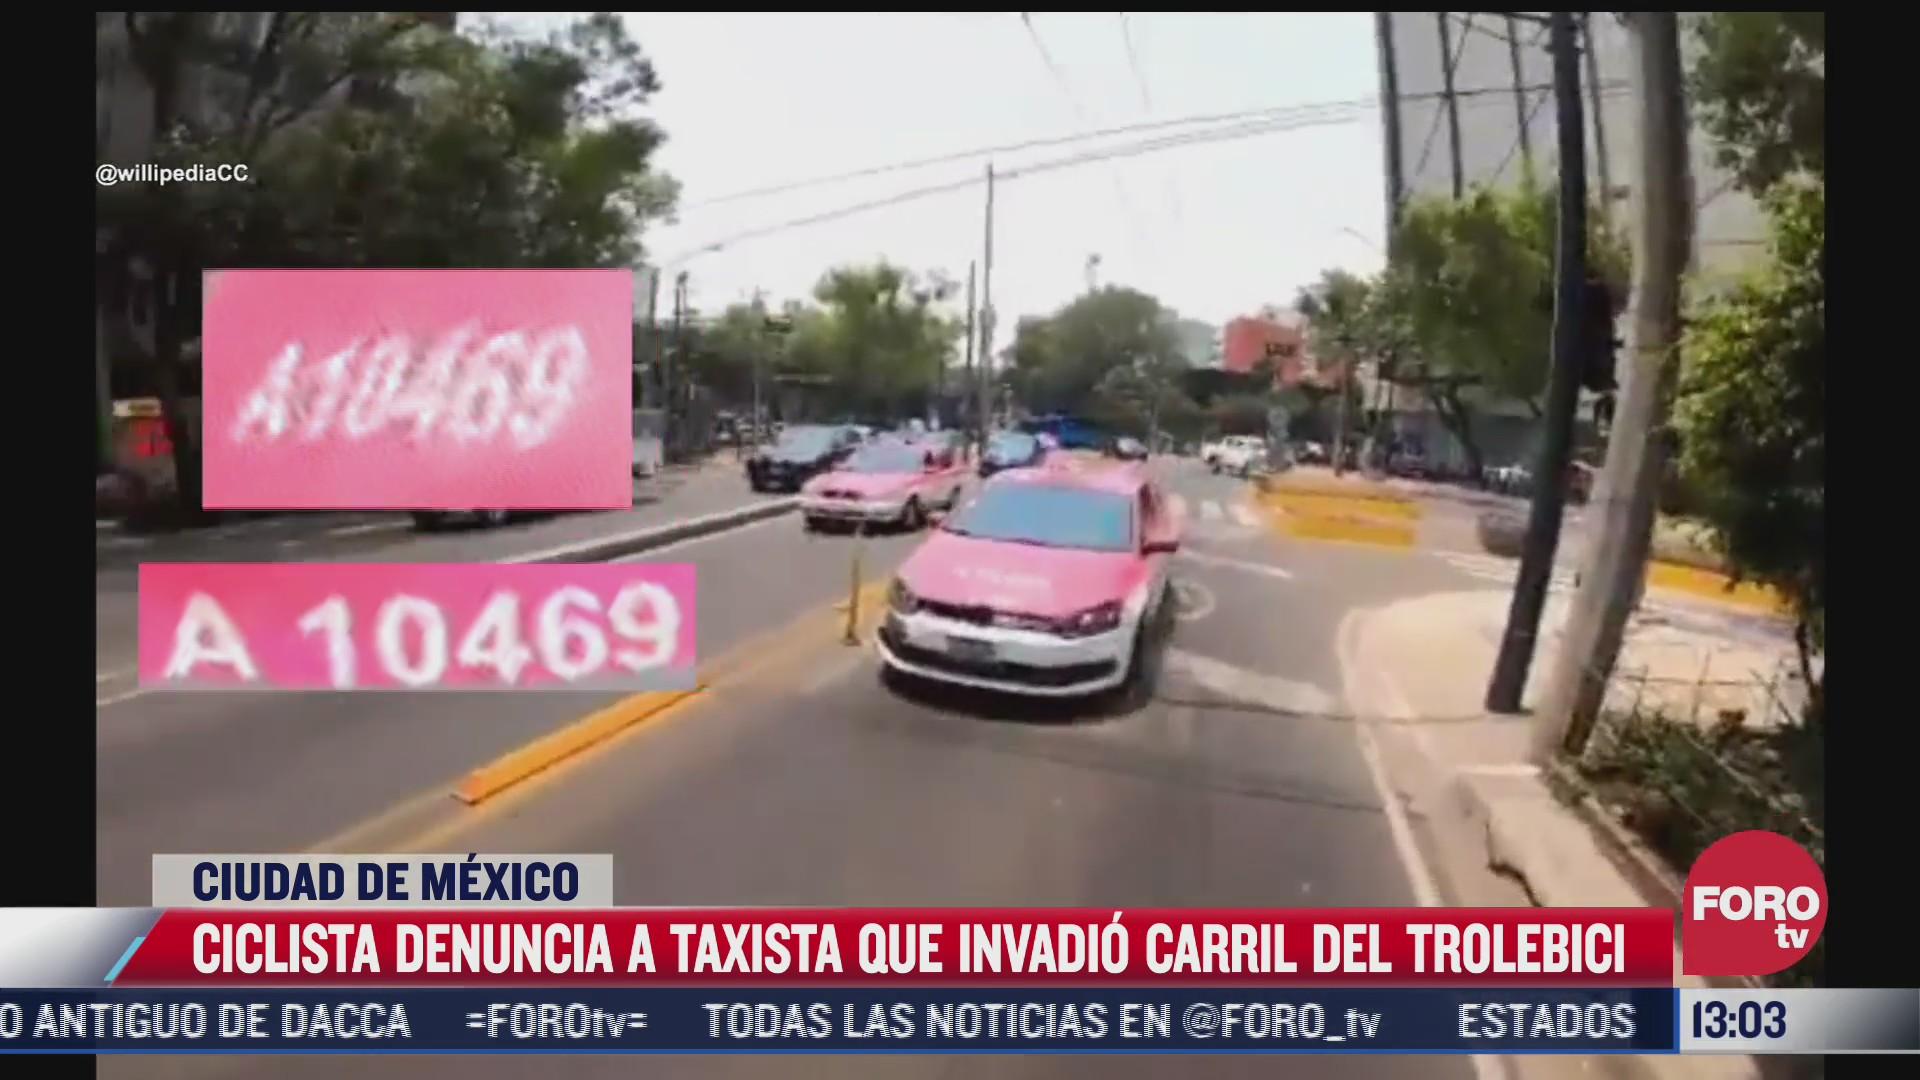 ciclista denuncia a taxista que invadio el carril de trolebici en cdmx